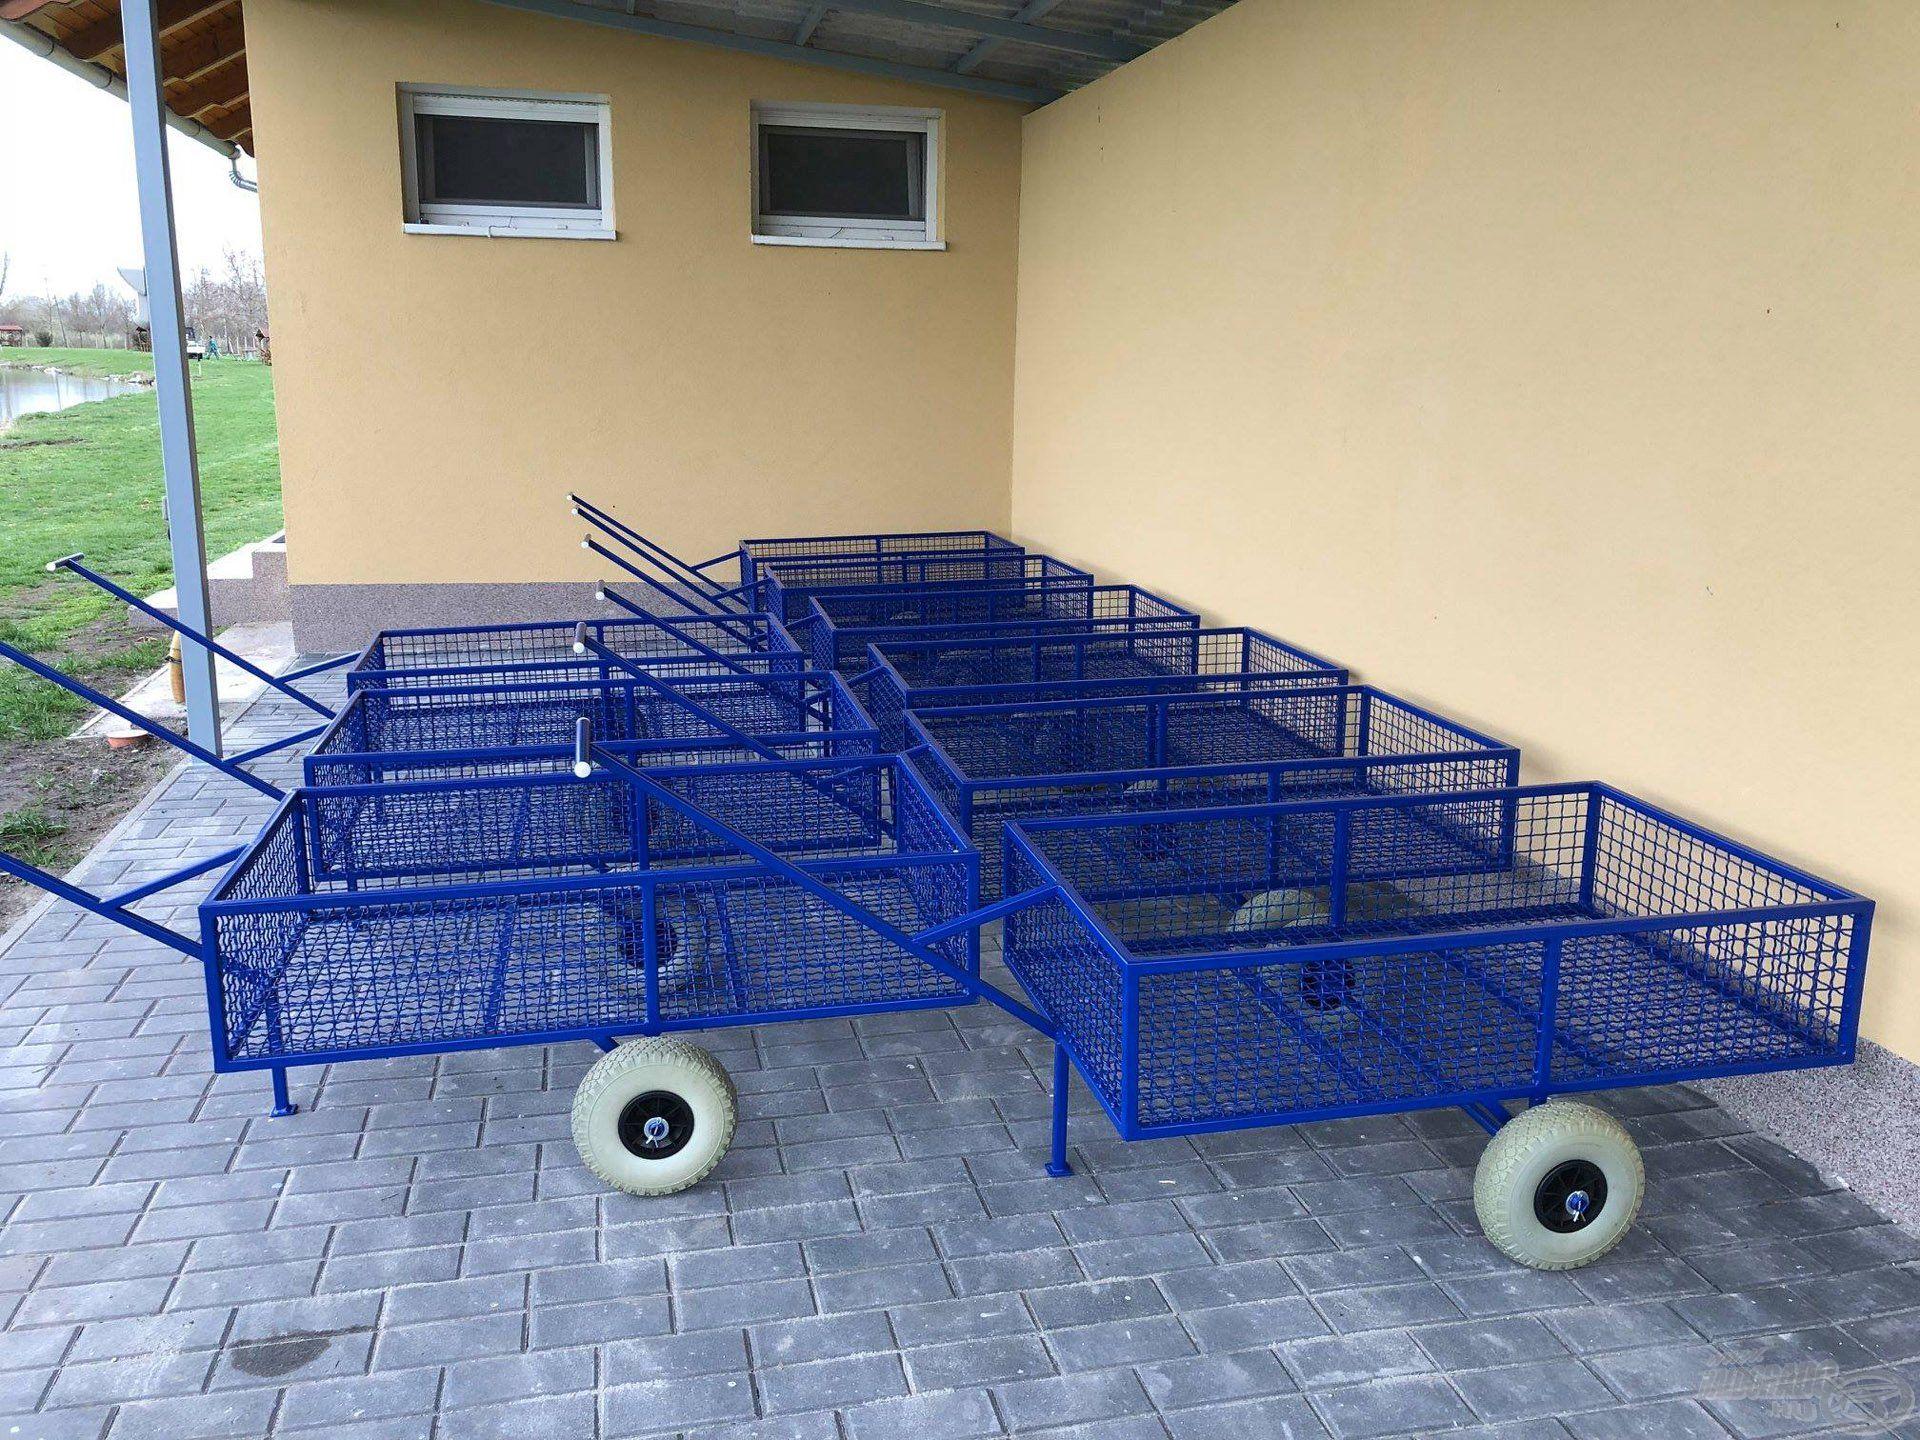 A felszerelések bejuttatását segíti elő a 10 darab kis horgász kocsi, melyek tárolója mellett kulturált mosdó, illetve mellékhelységek is találhatók